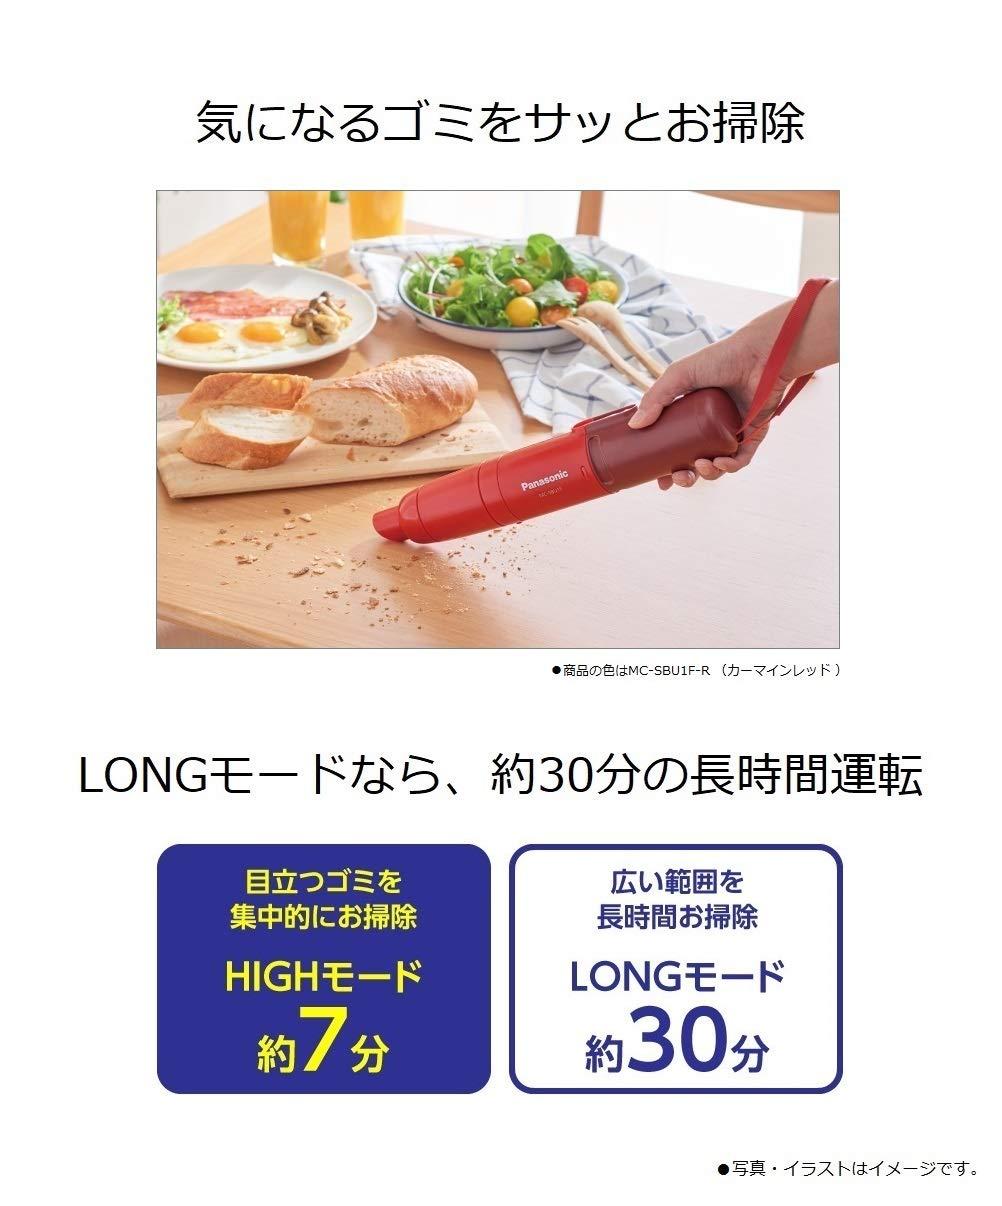 領89折券4549元  /  日本Panasonic 超輕量 2way兩用手持無線吸塵器 MC-SBU1F 。到貨日期:15-20個工作天 。日本必買  / 日本樂天代購 ( 15276 ) 7